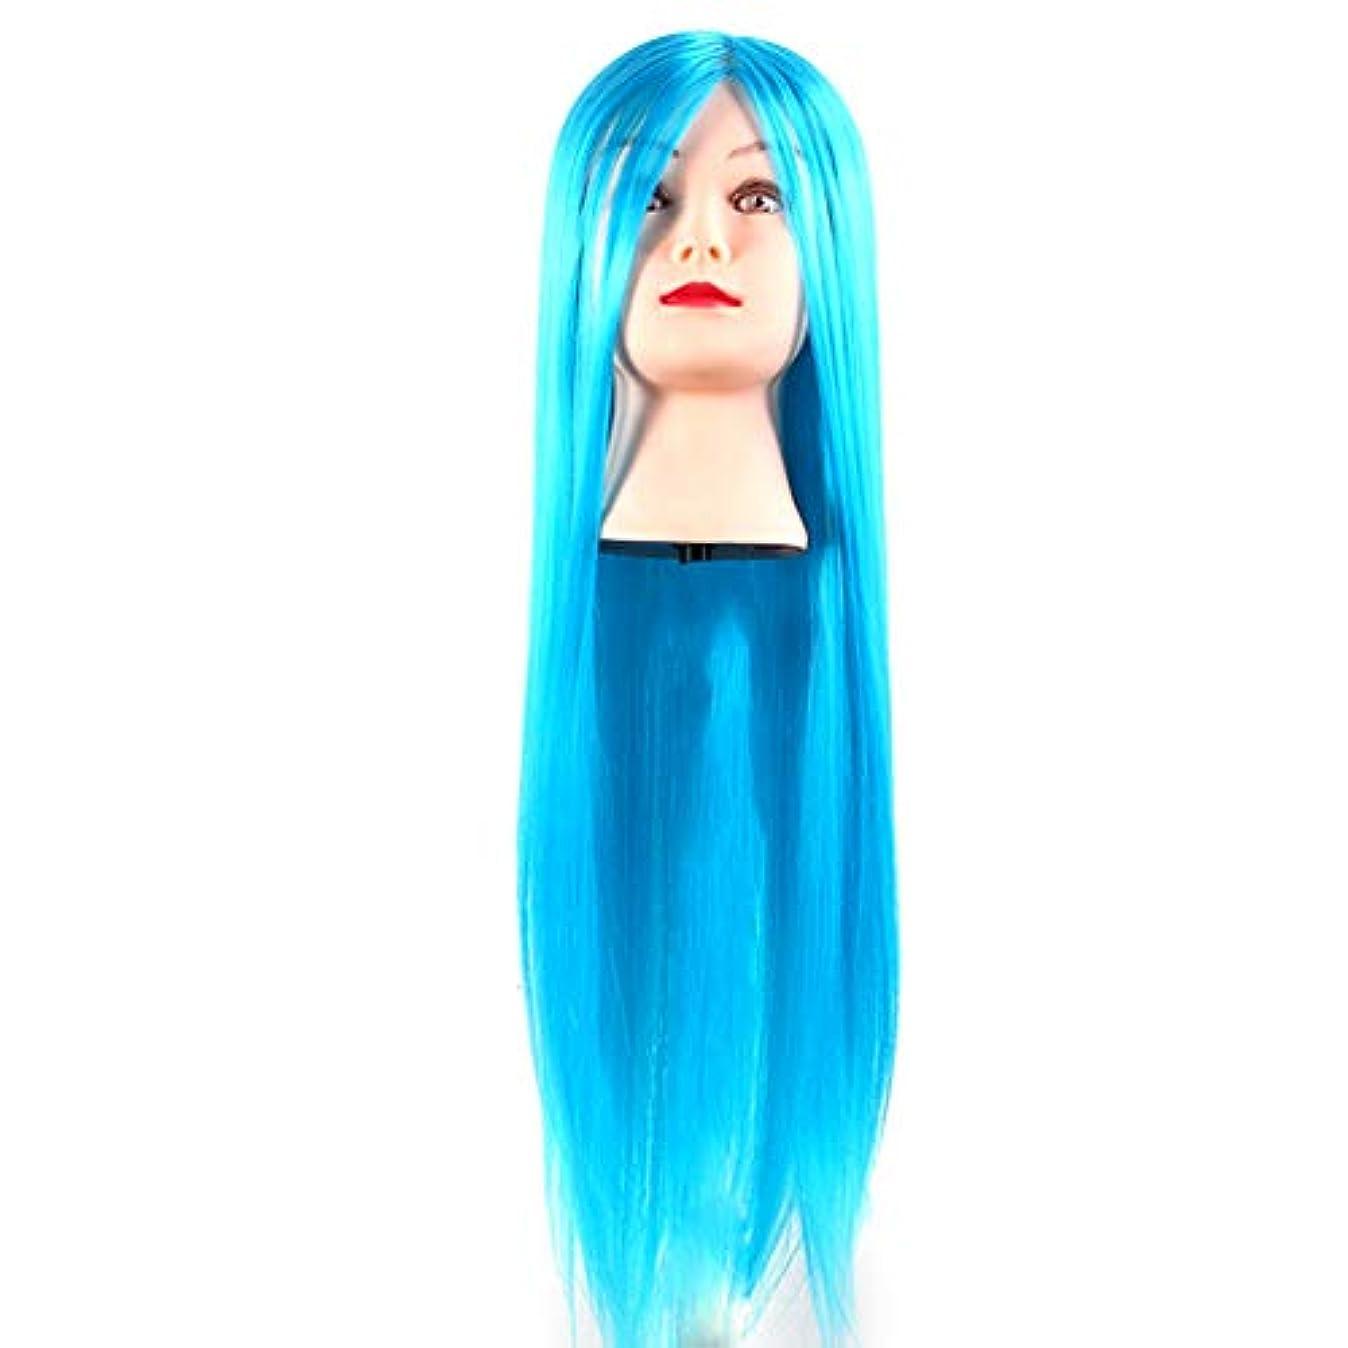 トリム方向家主サロン散髪練習ヘッドモデルメイク学校編組髪開発学習モデルヘッドヘアストレートロングかつら